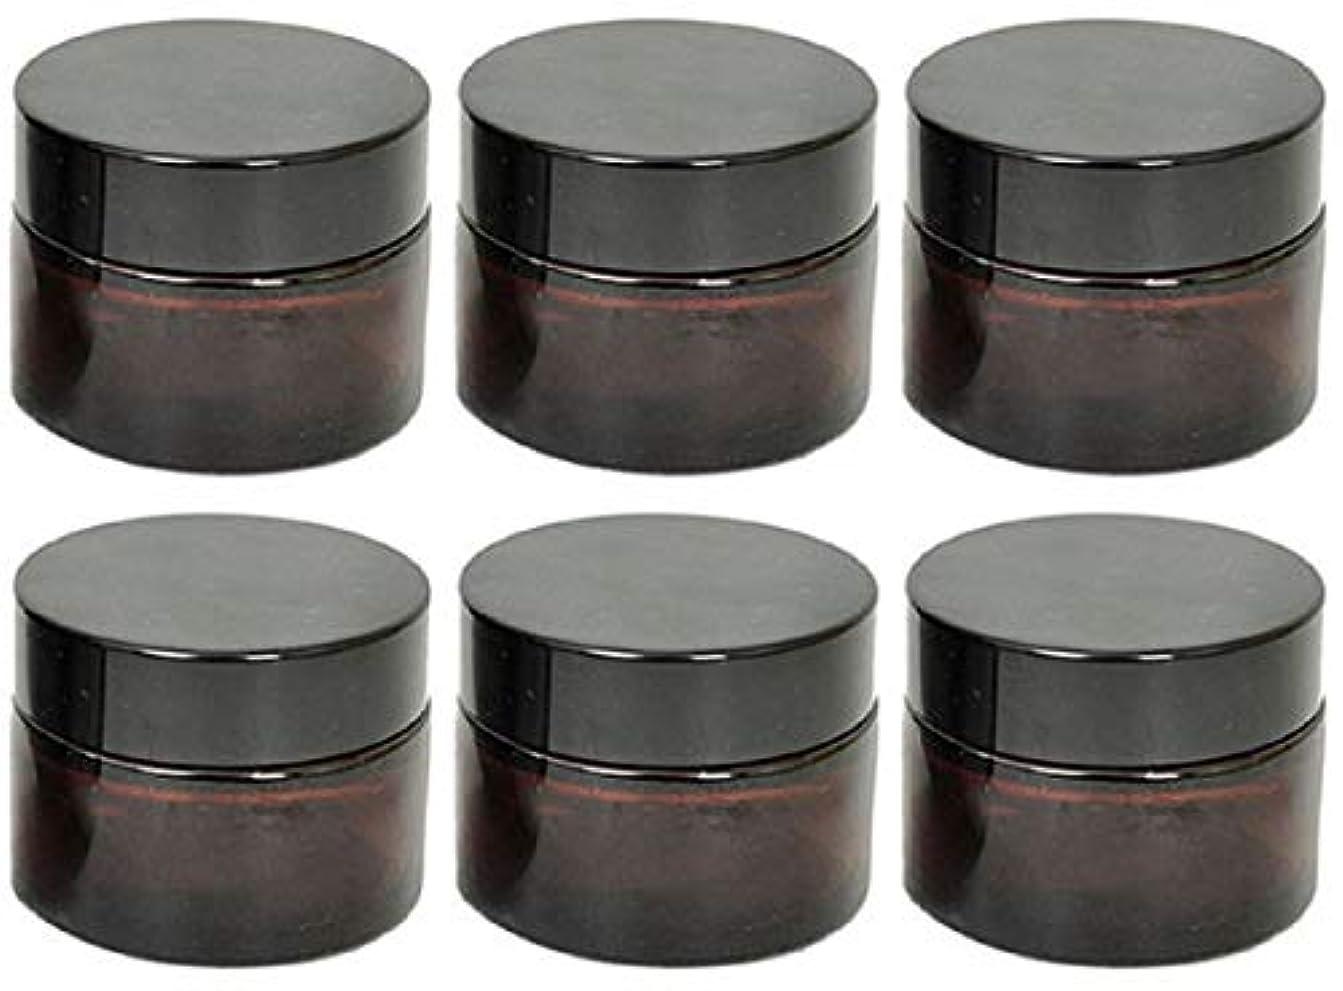 シリーズ他にリンスアロマ保存容器 遮光容器 クリーム容器 10g 遮光 アロマ 保存 容器 遮光瓶 ガラス製 内フタ付き 詰め替え 便利 コンパクト 軽量 6個セット ブラウン